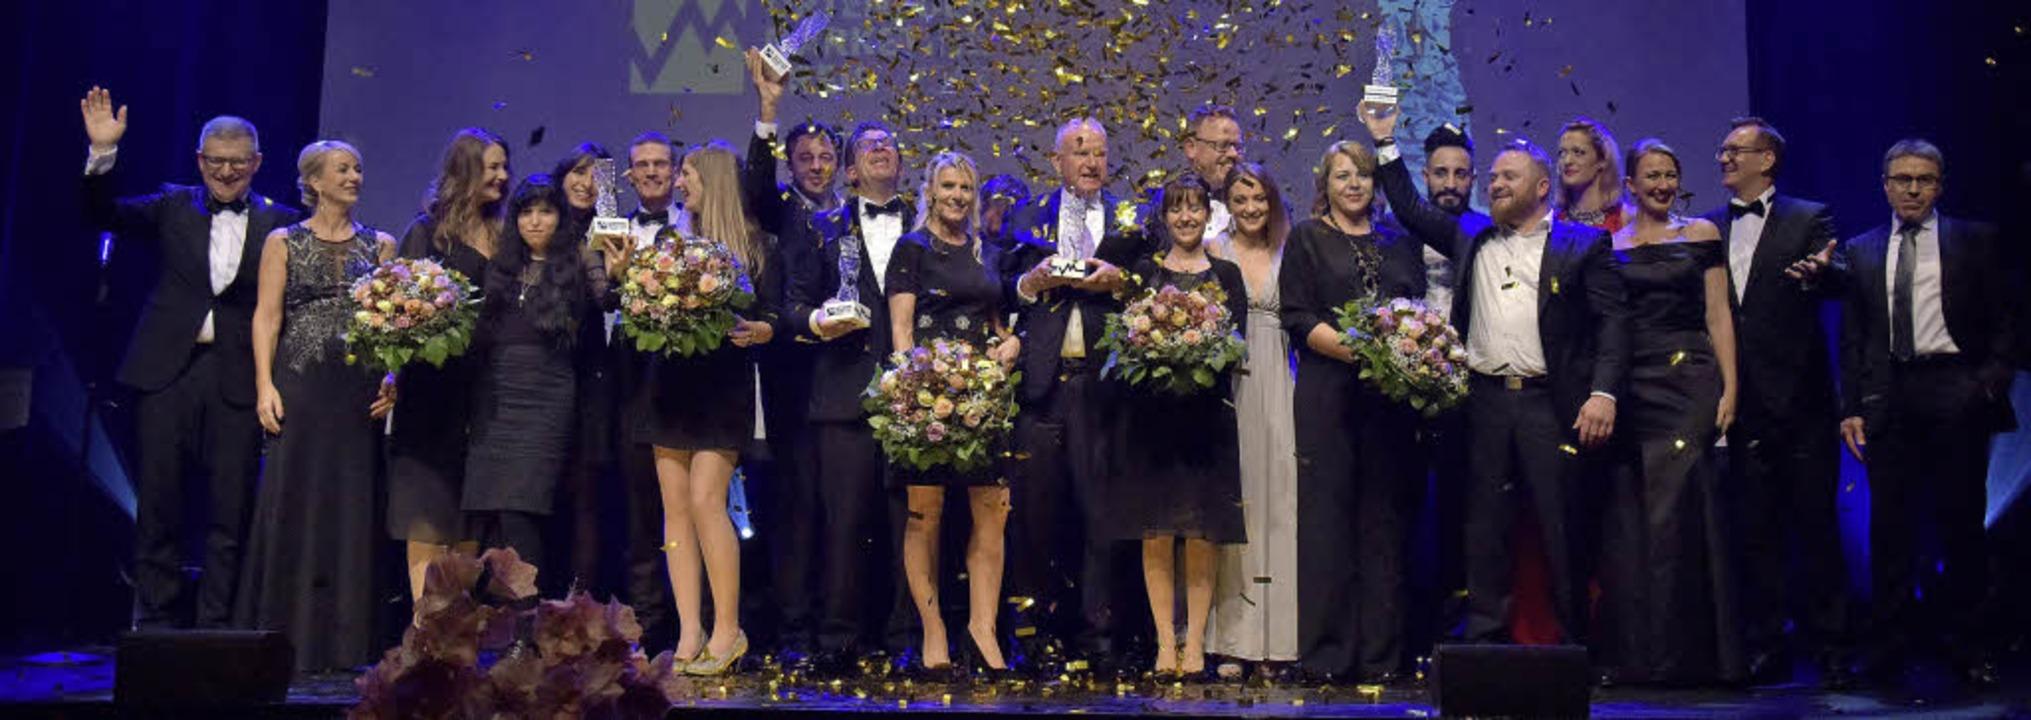 Festlicher Abend: Gewinner sowie Veran...ting-Clubs auf der Bühne der Reithalle  | Foto: Marketing-Club